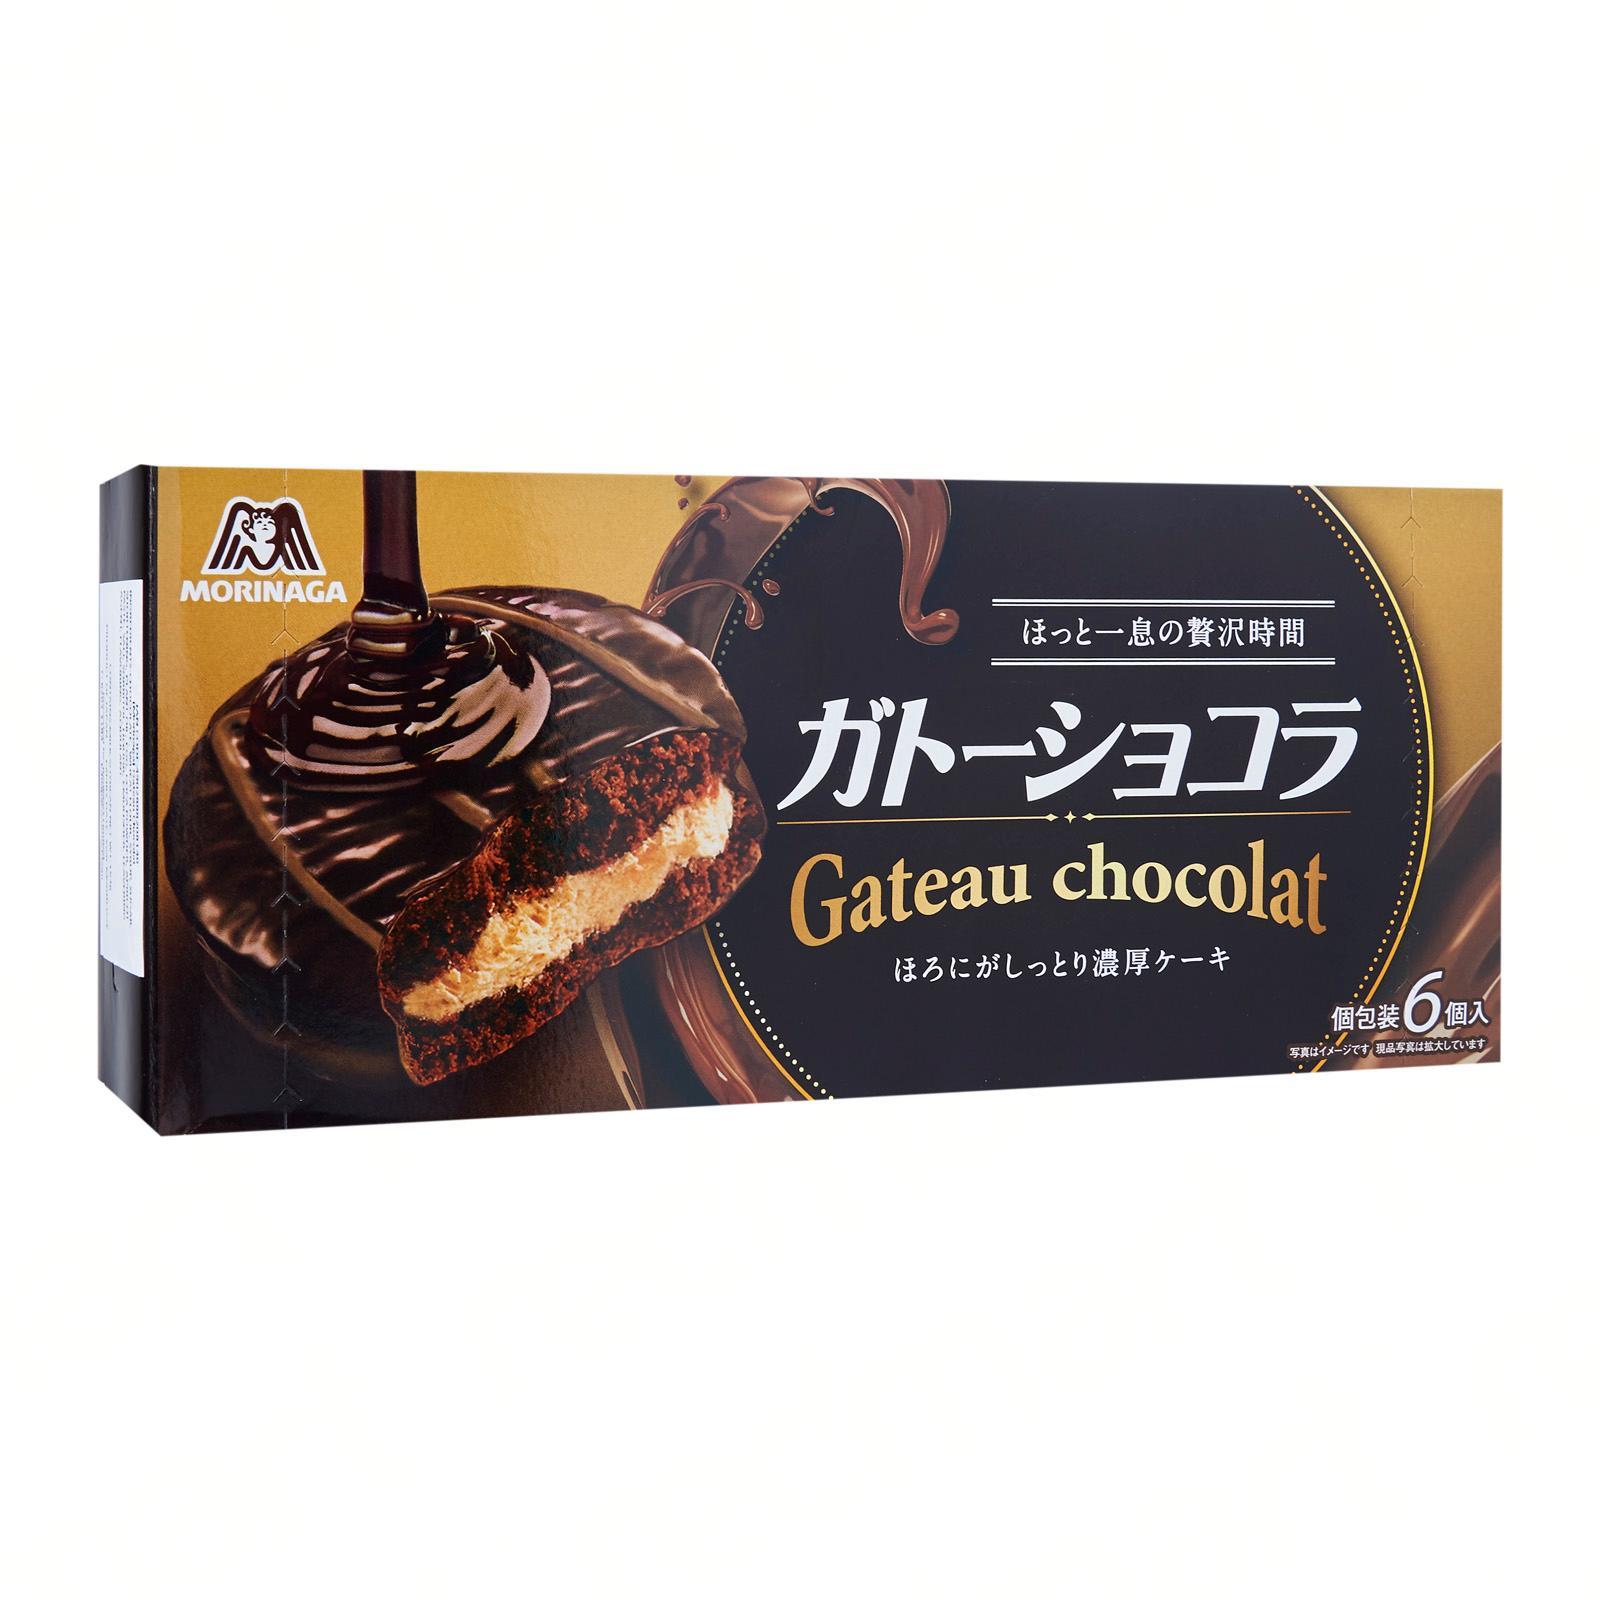 Morinaga Gateau Chocolate